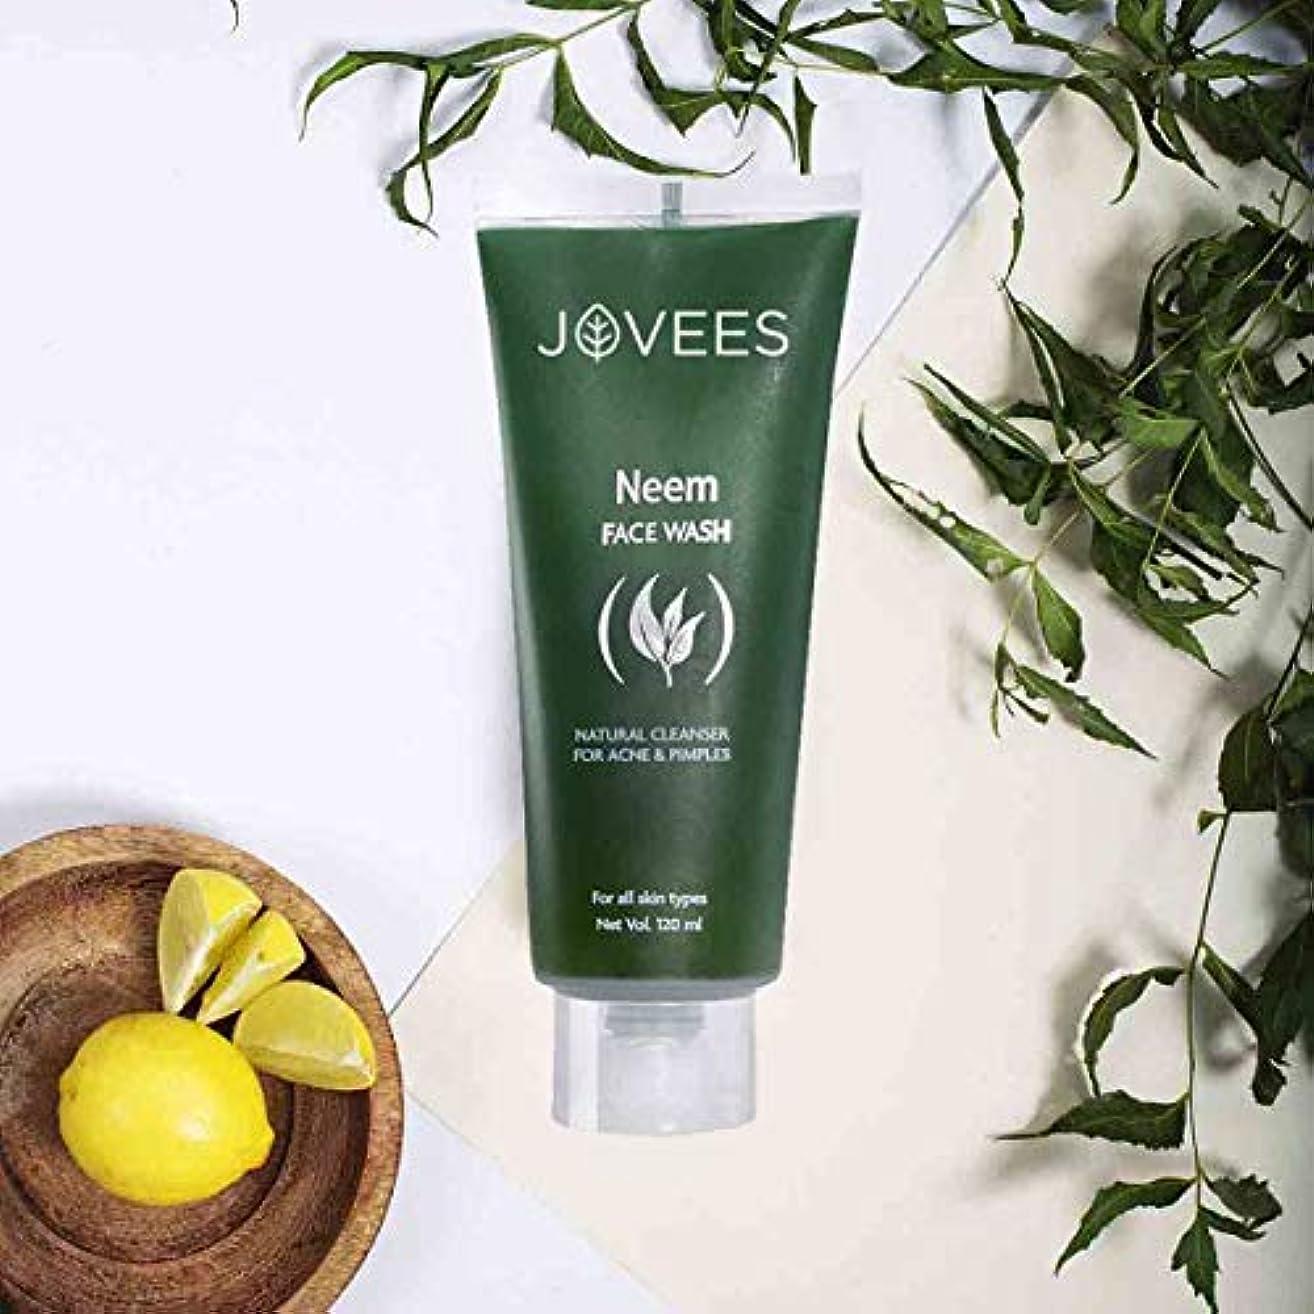 フライカイト作成者アーティストJovees Natural Neem Face Wash 120ml help mitigate pimple & Acne improve skin complexion ナチュラルニームフェイスウォッシュがニキビの軽減とニキビのお肌の色白を改善します。